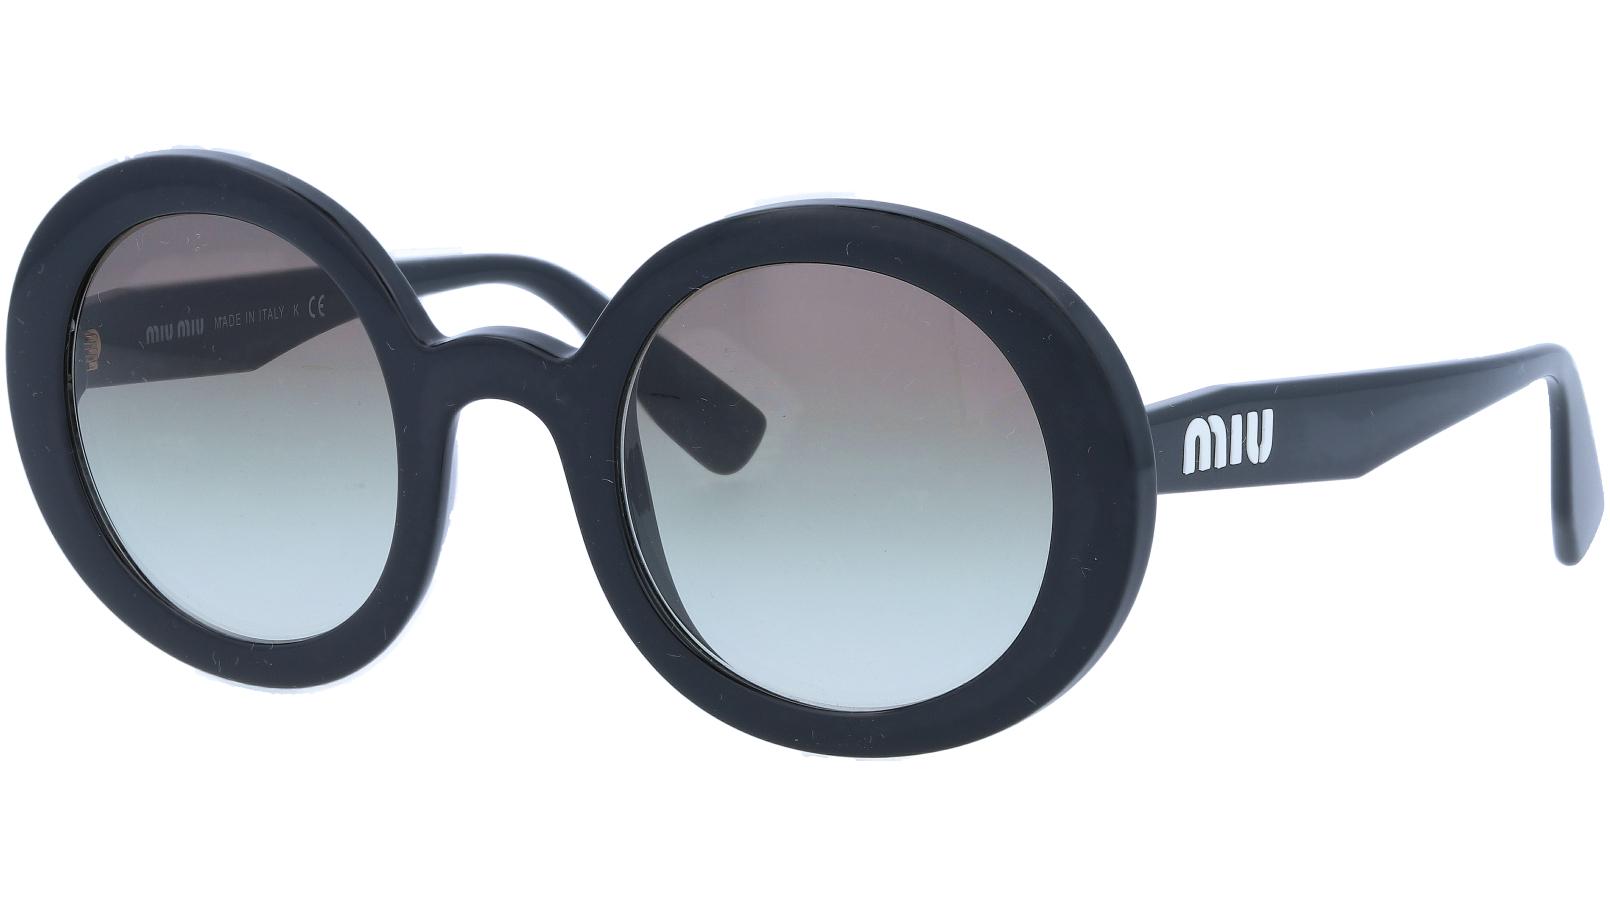 Miu Miu MU06US 1AB0A7 48 Black Sunglasses